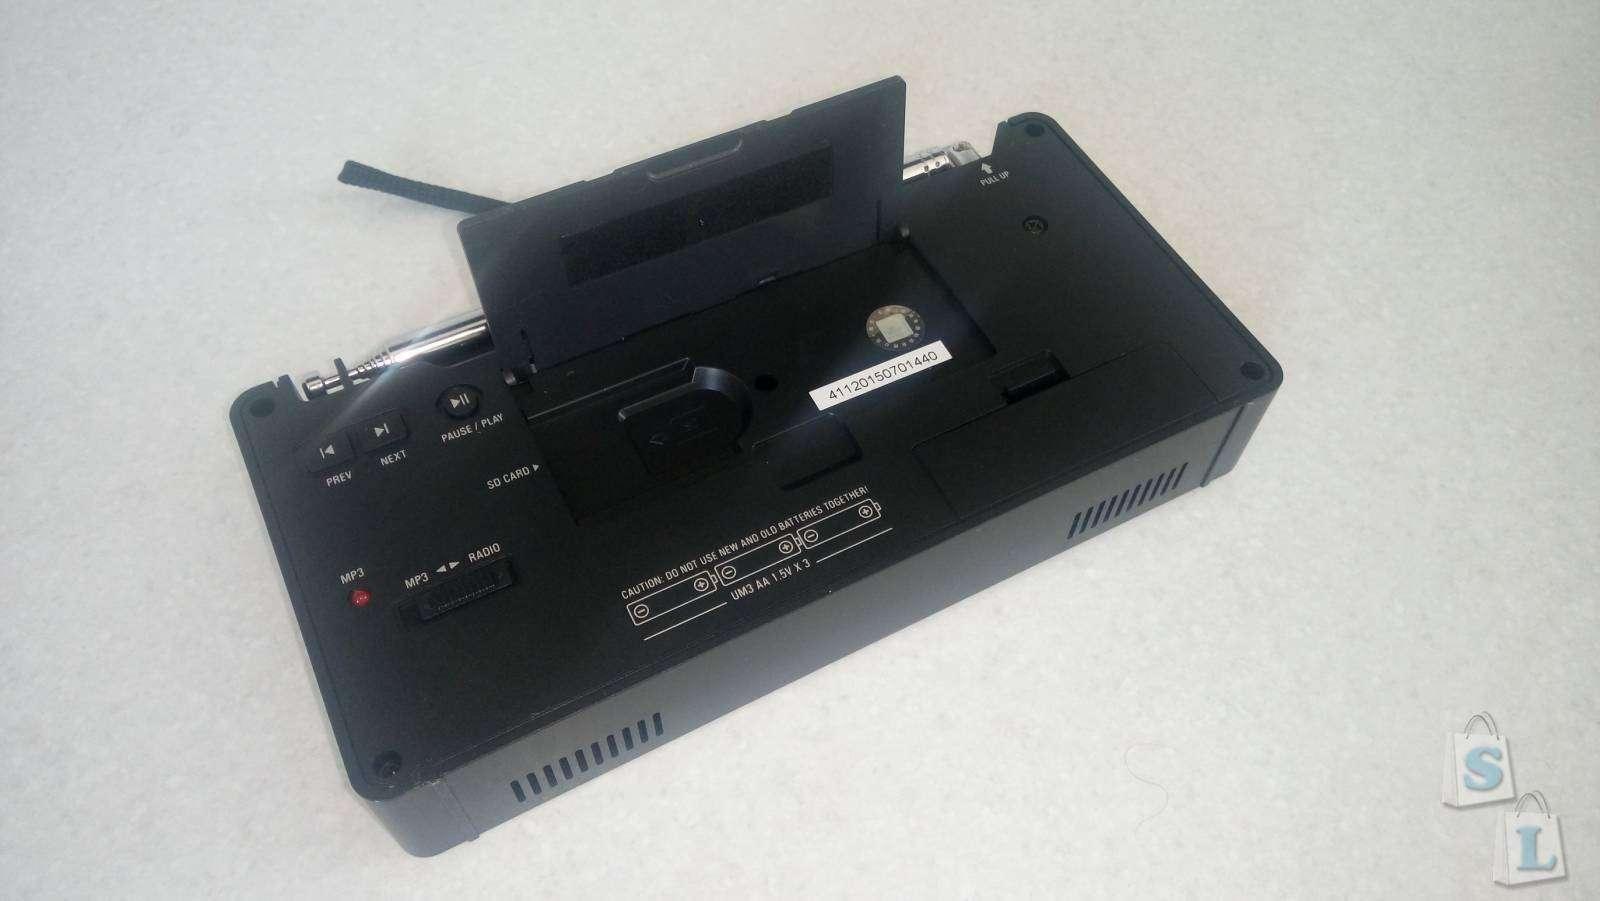 GearBest: Радиоприемник Tecsun PL-398 – карманный малыш, с интересным функционалом.